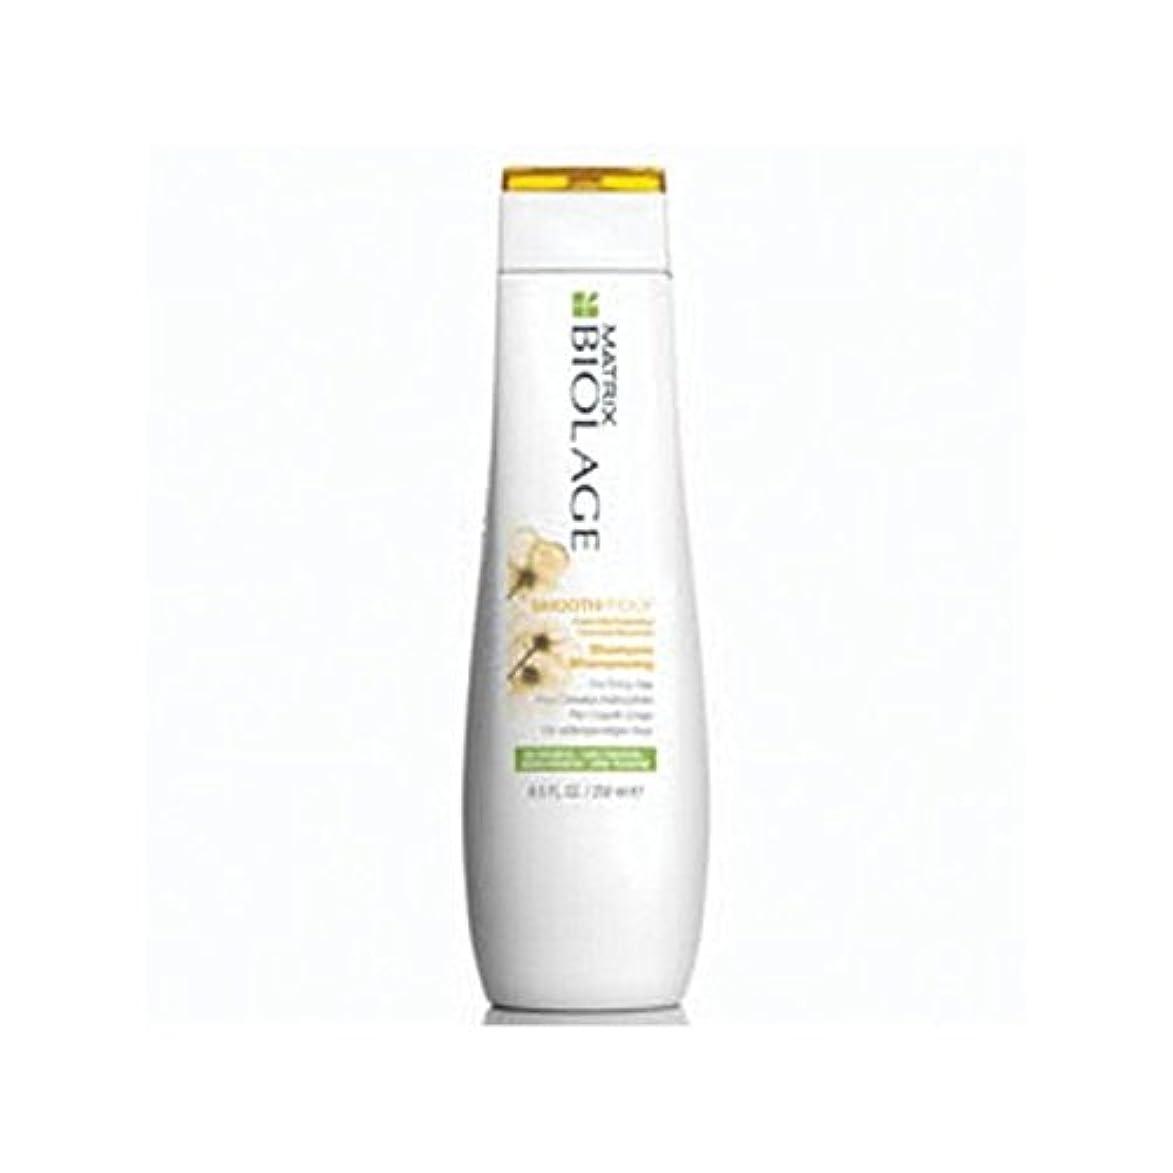 骨の折れるボウルトランザクションMatrix Biolage Smoothproof Shampoo (250ml) (Pack of 6) - マトリックスバイオレイジのシャンプー(250ミリリットル) x6 [並行輸入品]